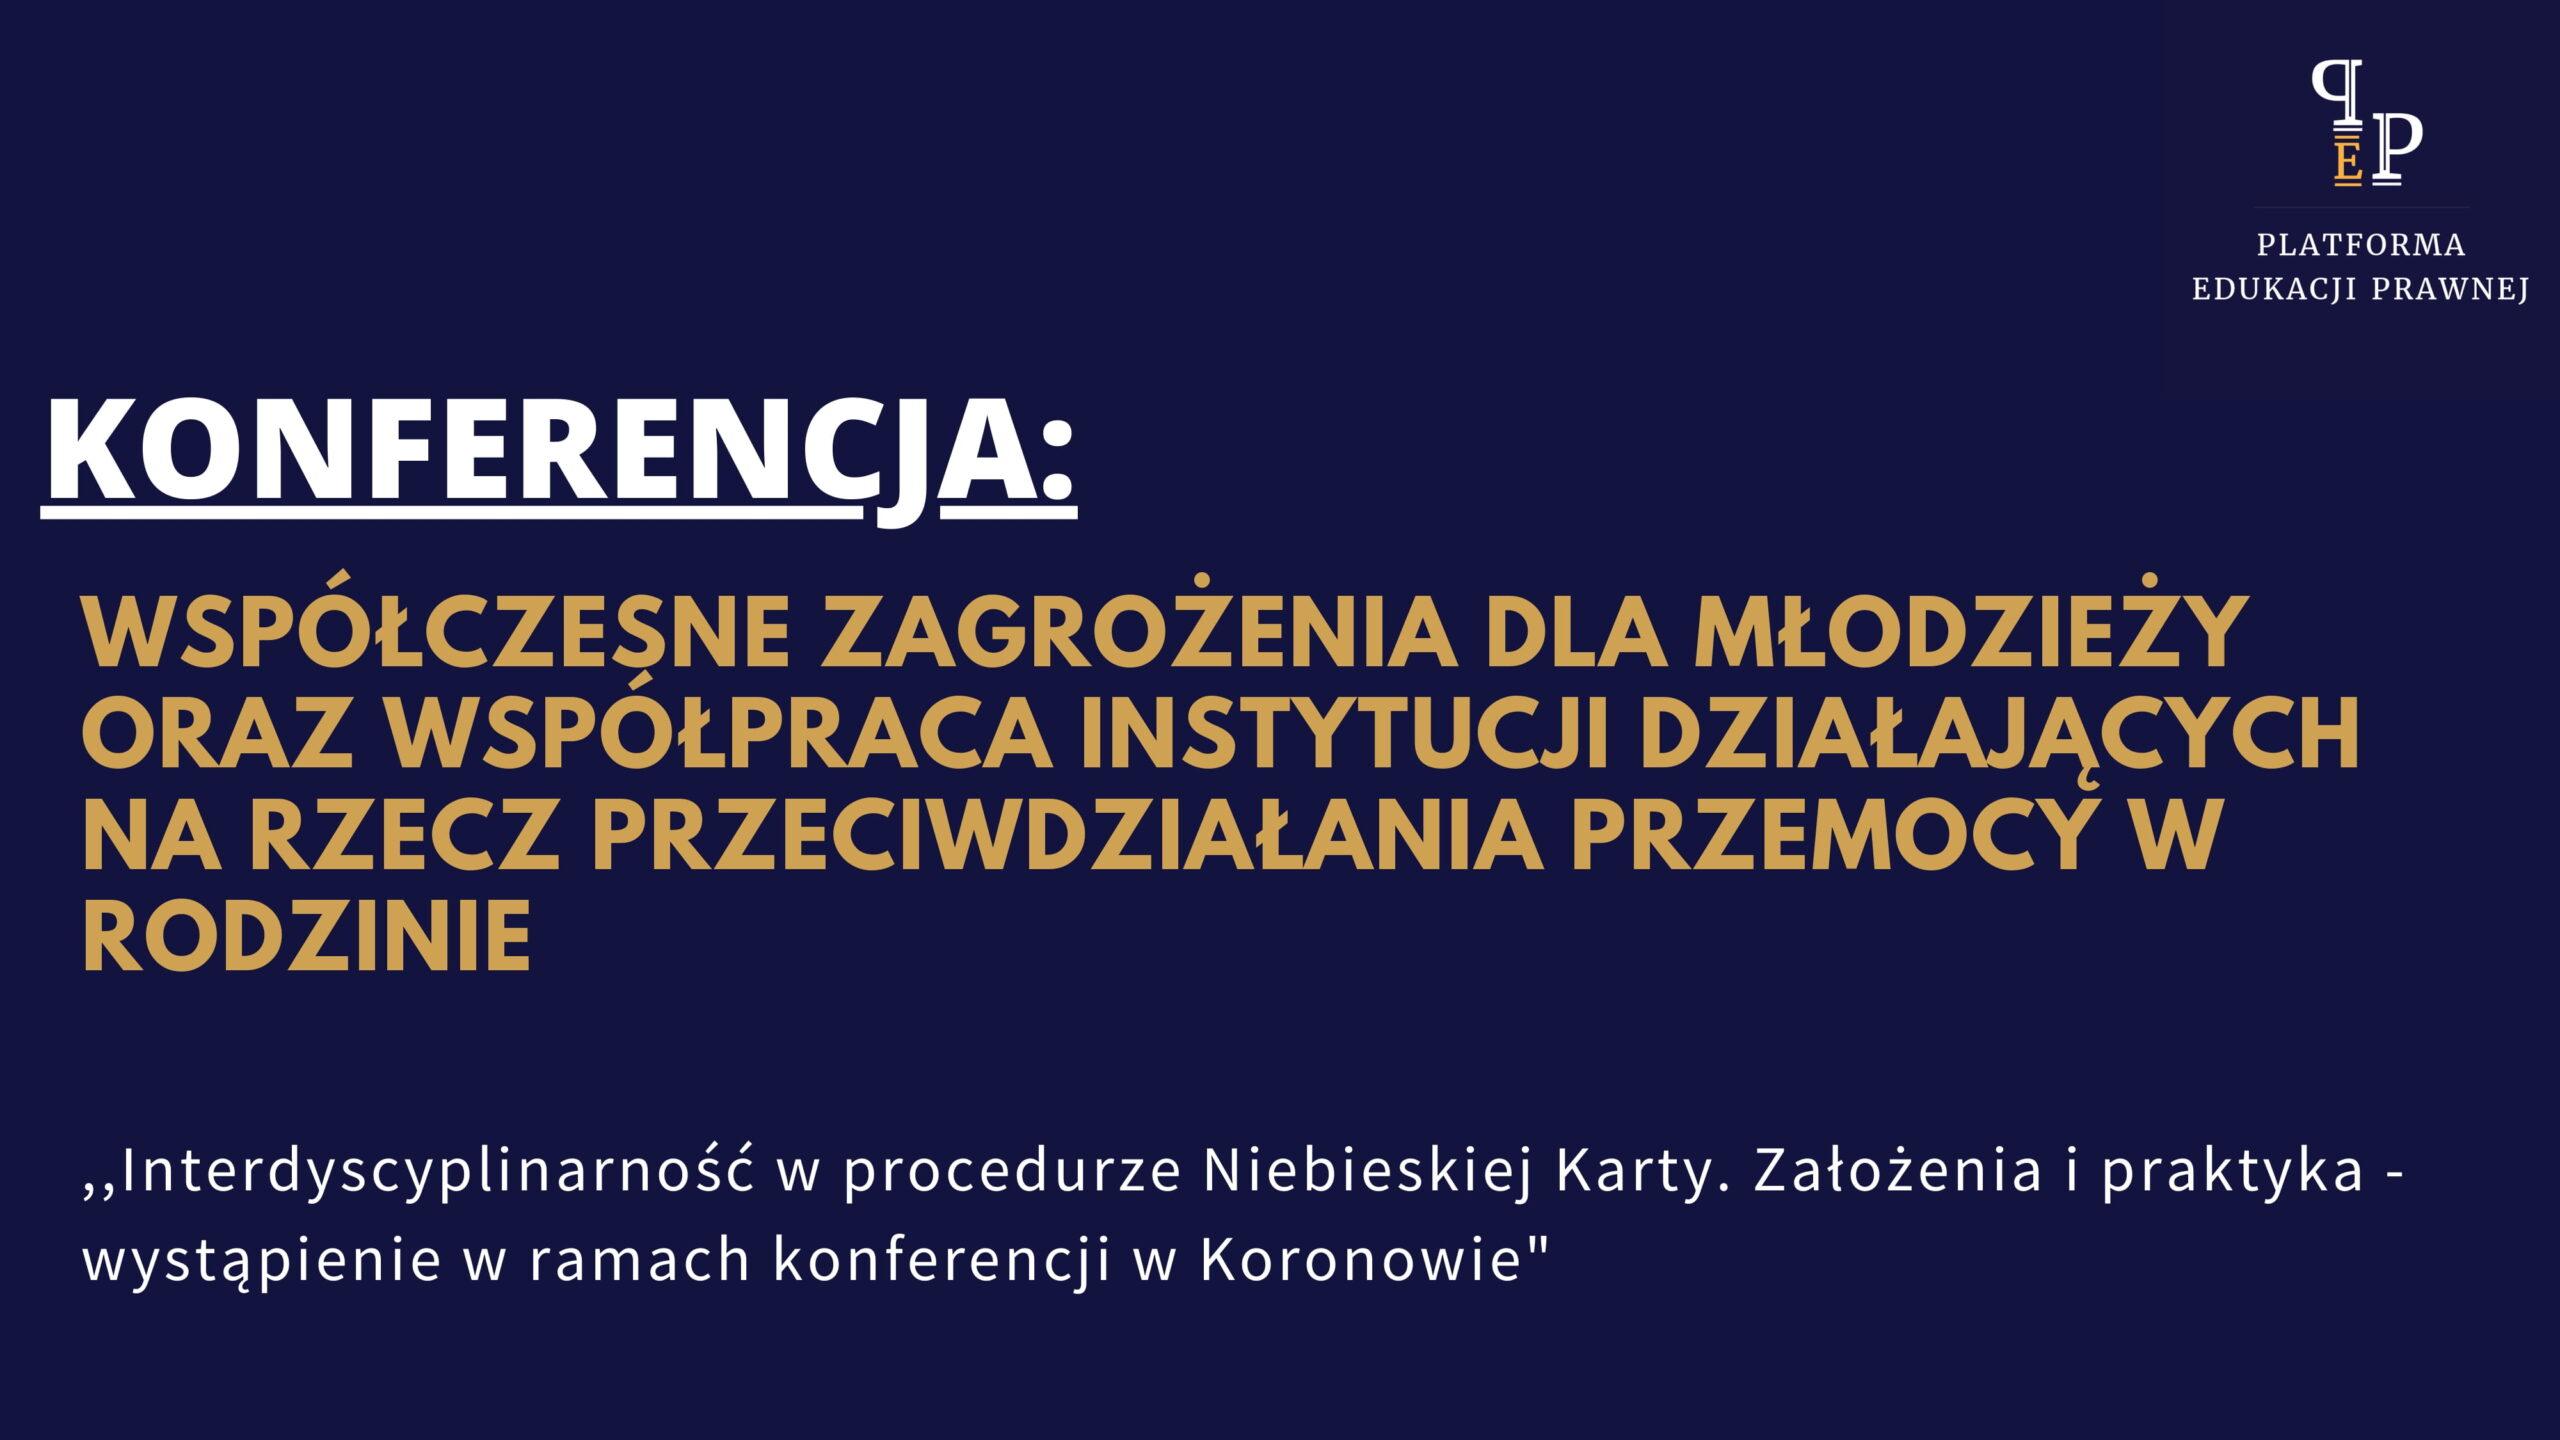 interdyscyplinarność_w_procedurze_niebieskiej_karty-założenia_i_praktyka_wystąpienie_w_ramach_konferencji_w_koronowie